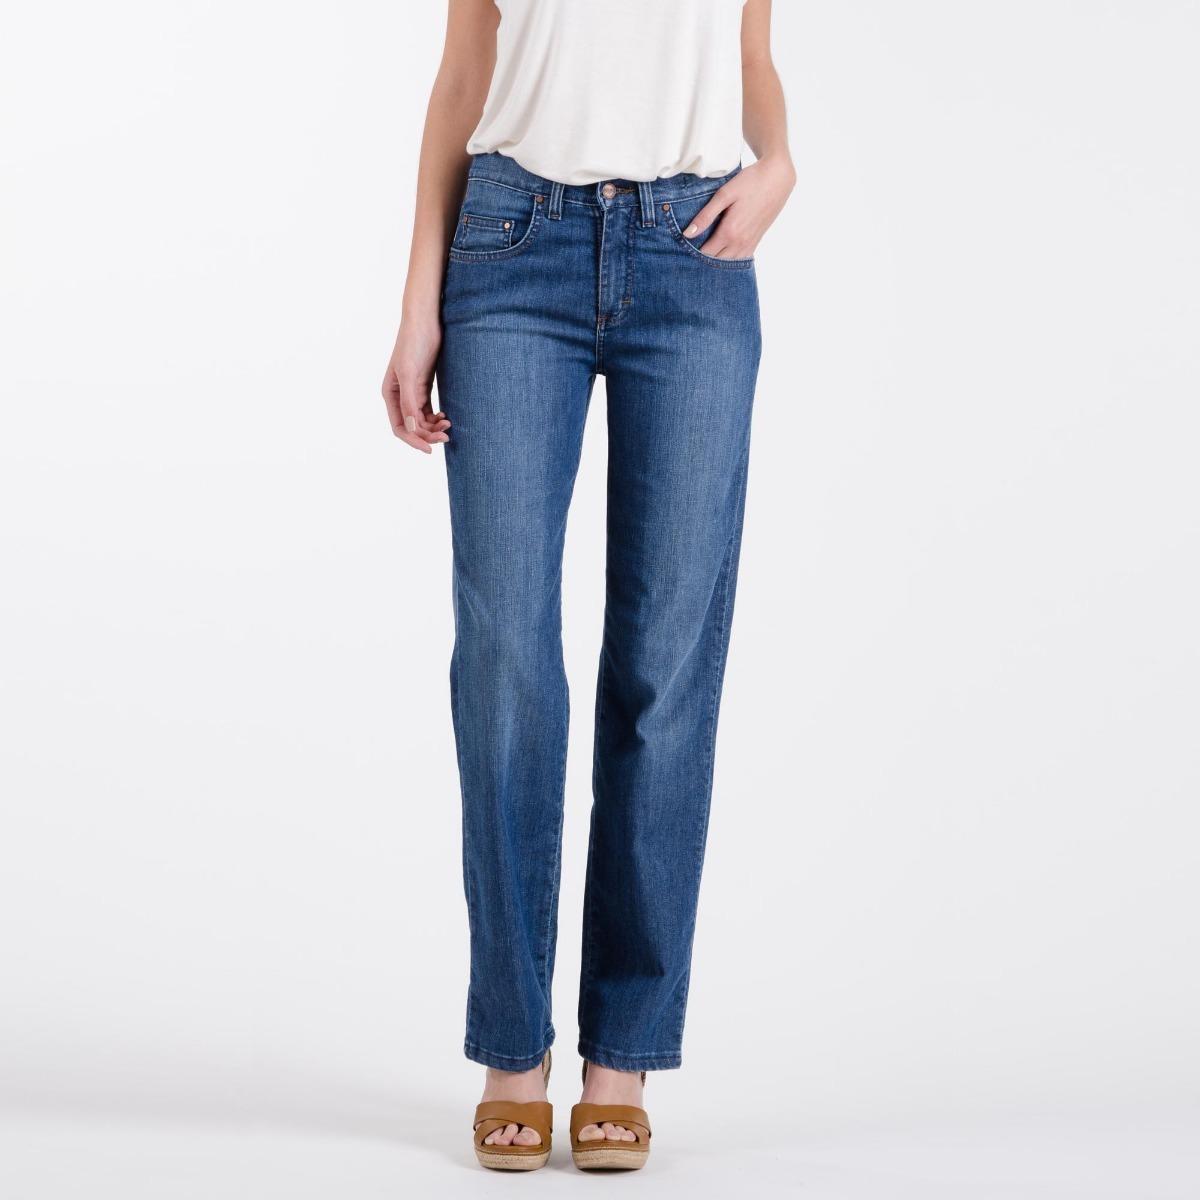 16bbb41c714 jeans mujer missouri wrangler. Cargando zoom.